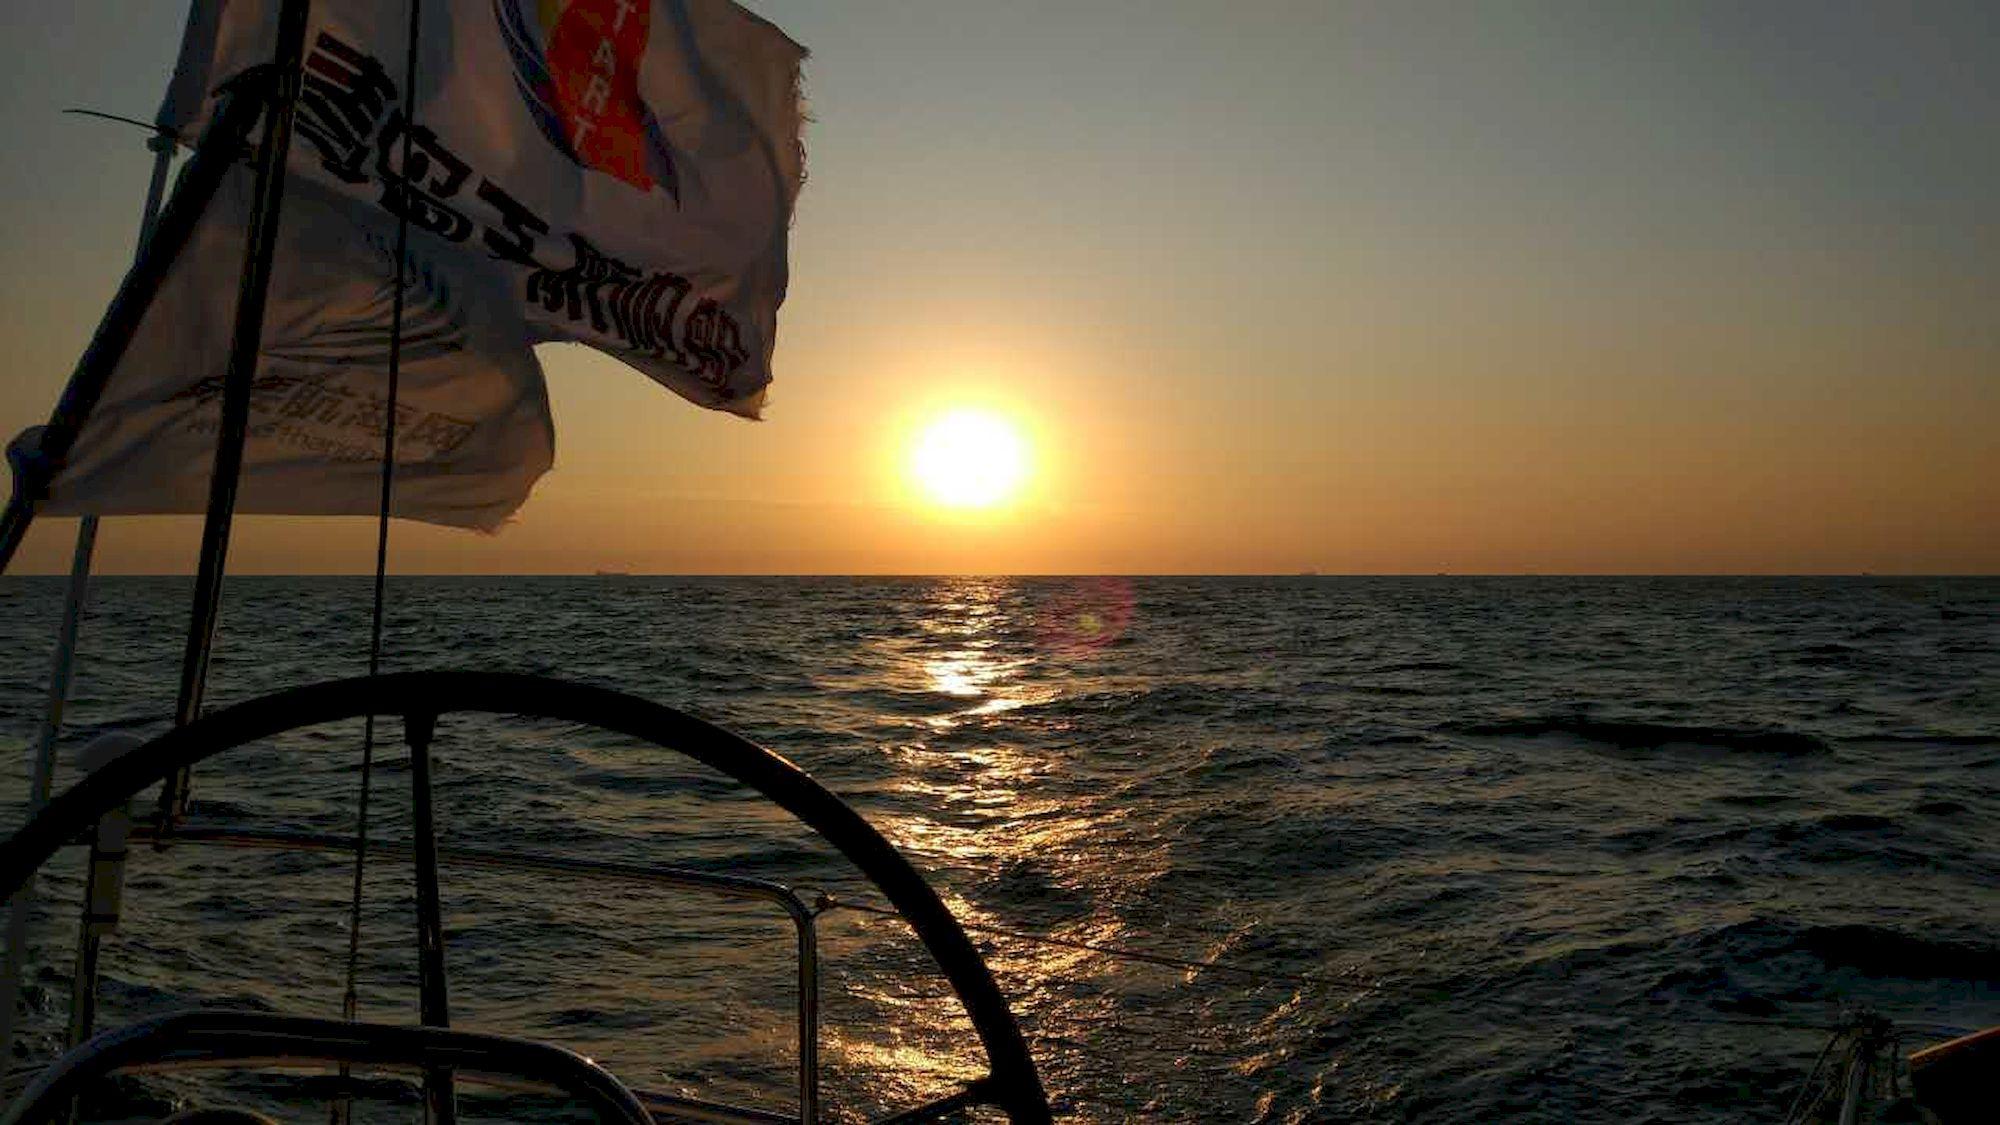 030-IMG_3562_千帆俱乐部我要航海网帆船队-2016威海-仁川国际帆船赛.JPG